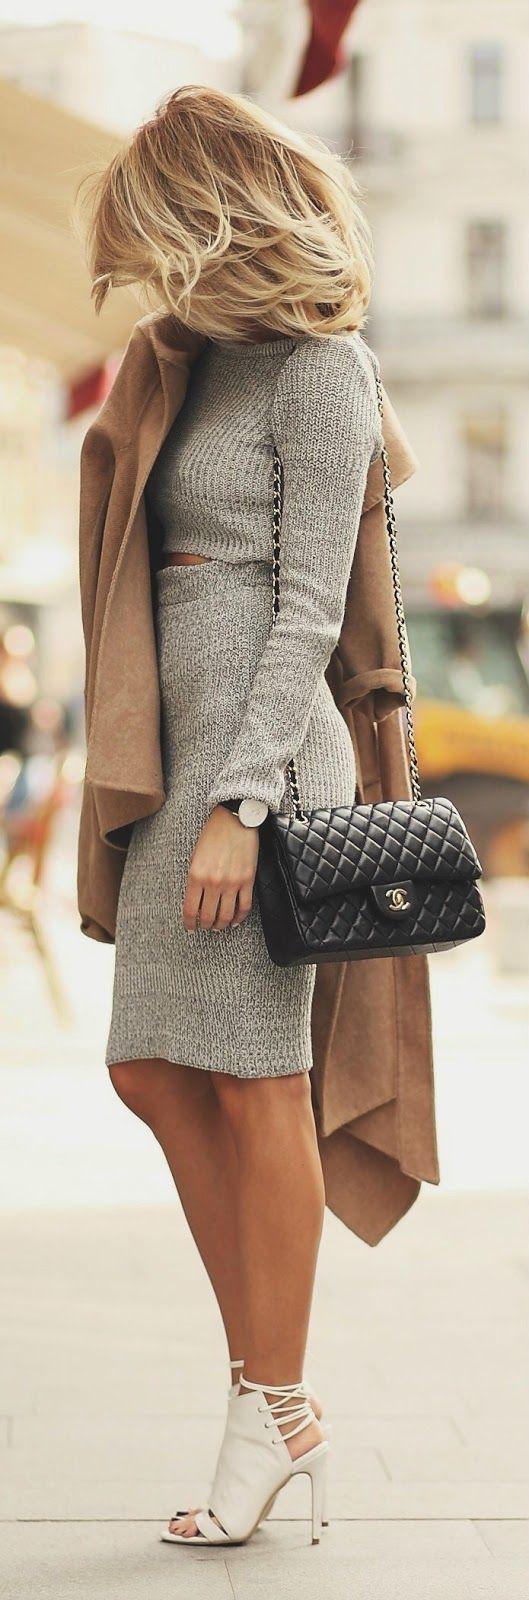 同色系的上下衣物搭配給人連身裙的錯覺 再搭配上駝色大衣 讓整個人行道都成為你的伸展台